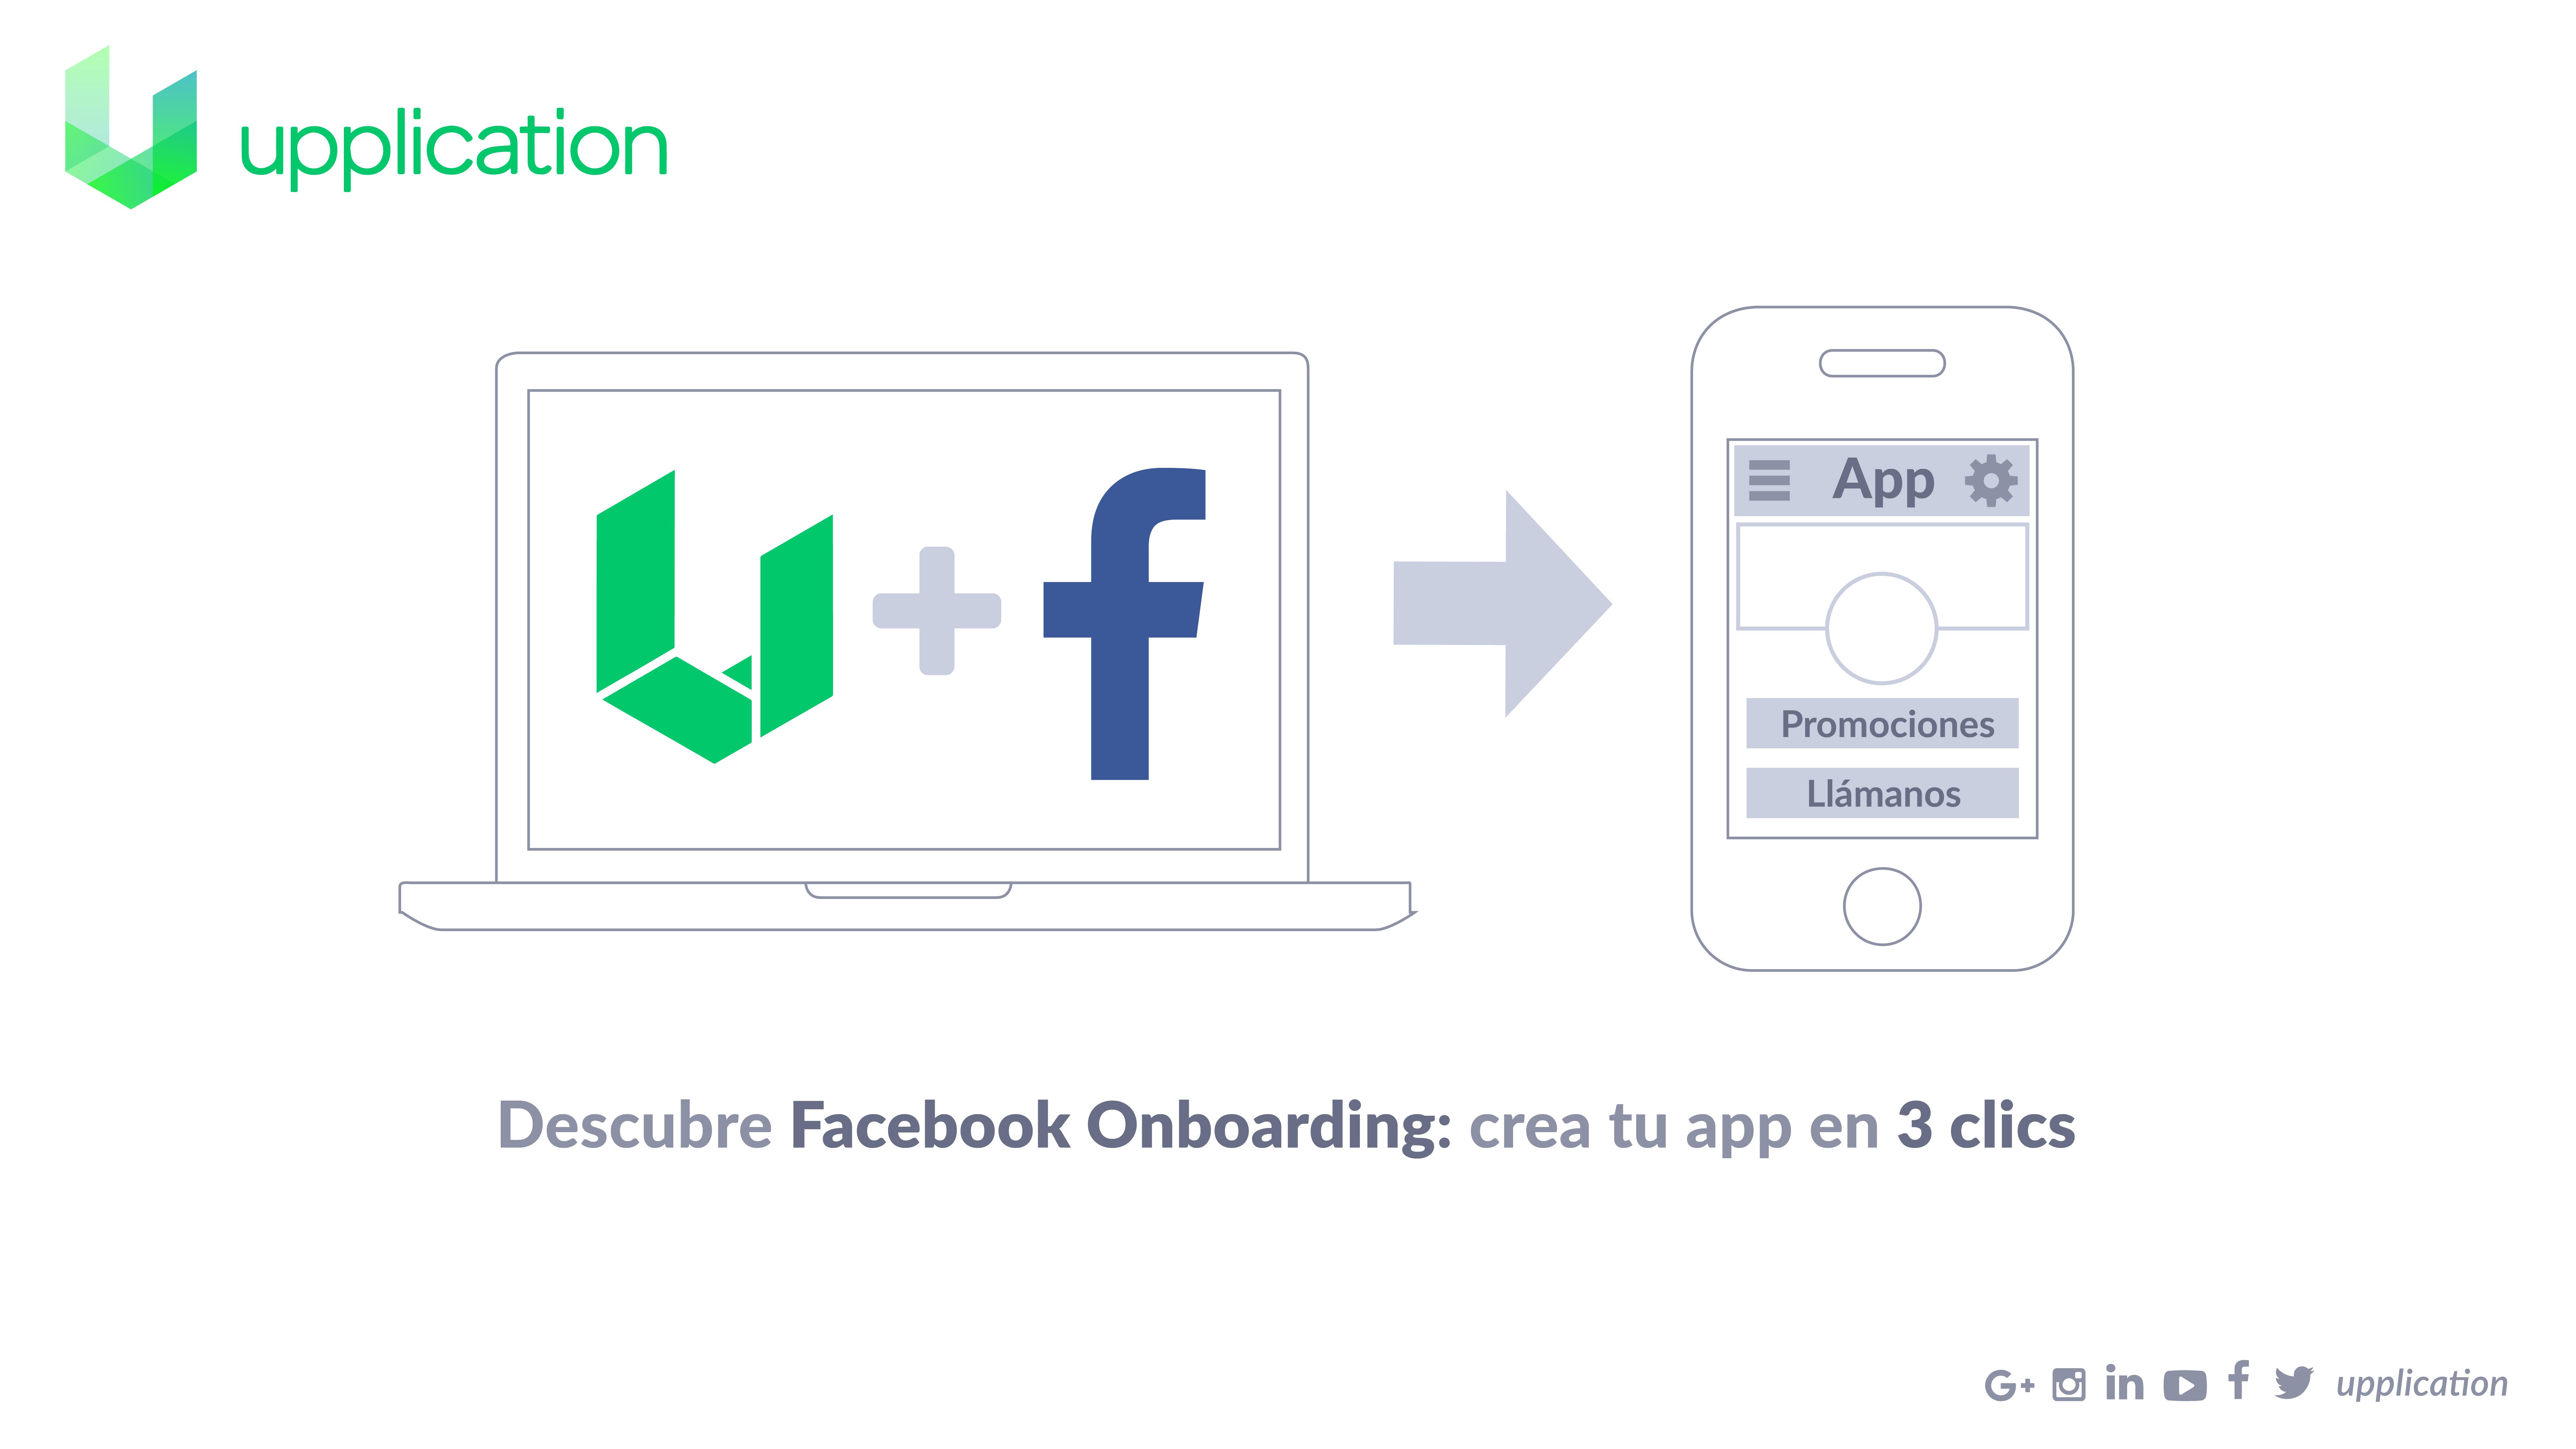 Upplication te permite obtener la aplicación móvil de tu empresa a través de Facebook